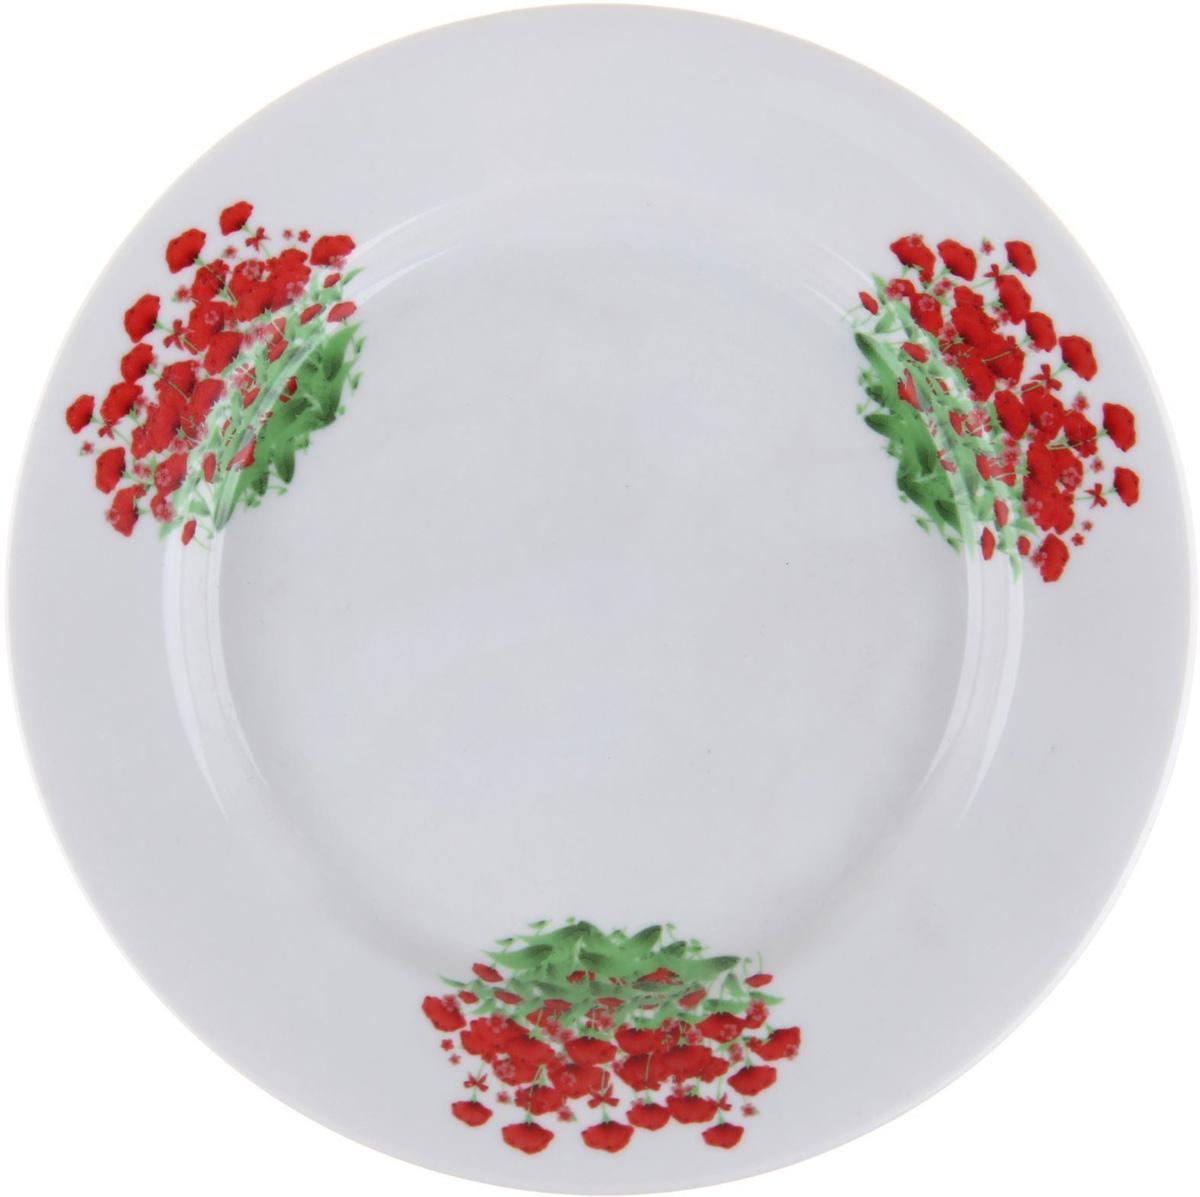 Тарелка мелкая Фарфор Вербилок Альпийский луг, диаметр 20 см. 12627901262790От качества посуды зависит не только вкус еды, но и здоровье человека. Тарелка - товар, соответствующий российским стандартам качества. Любой хозяйке будет приятно держать его в руках. С такой посудой и кухонной утварью приготовление еды и сервировка стола превратятся в настоящий праздник.